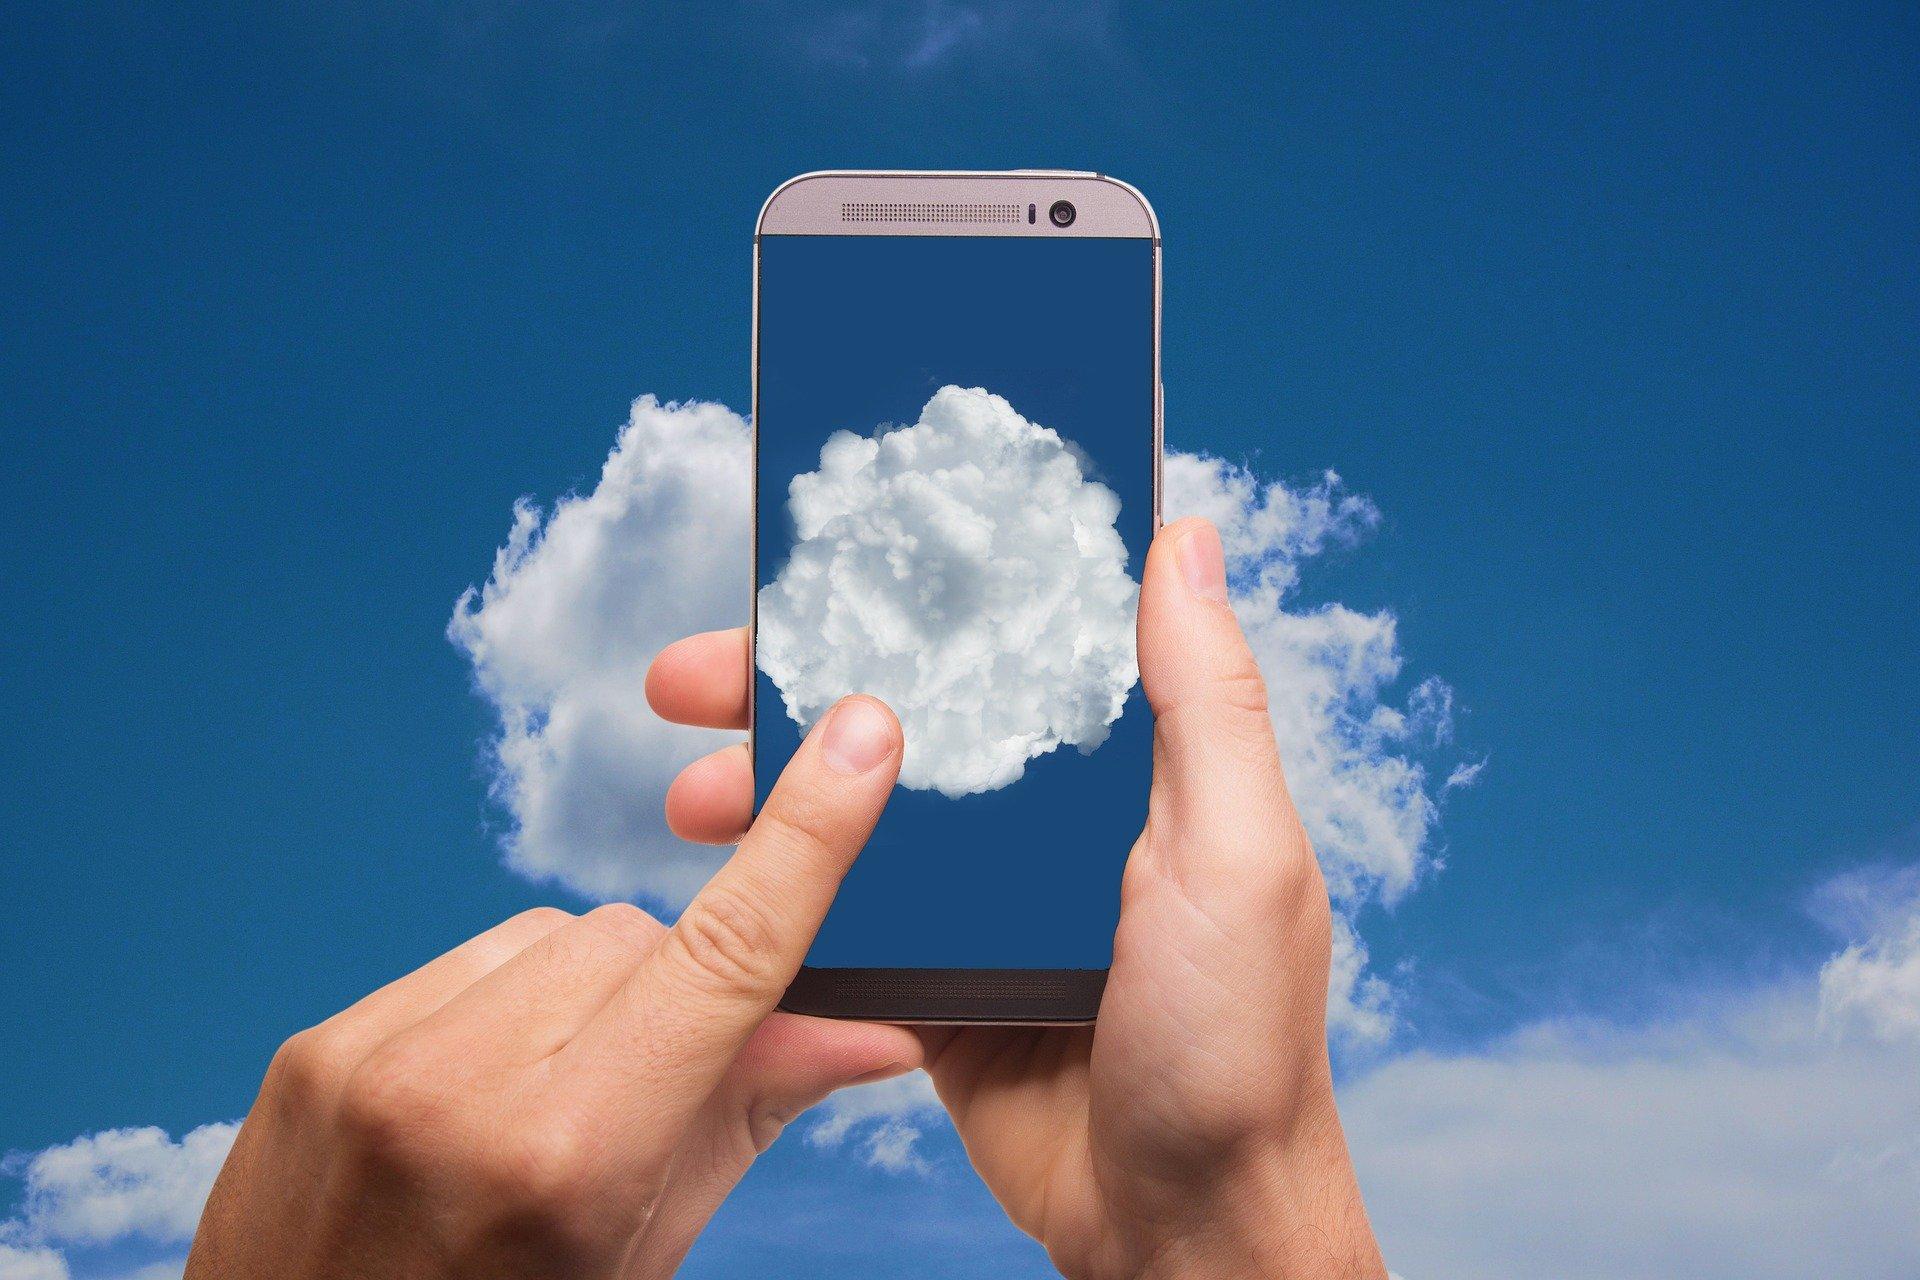 cloud-2537777_1920.jpg